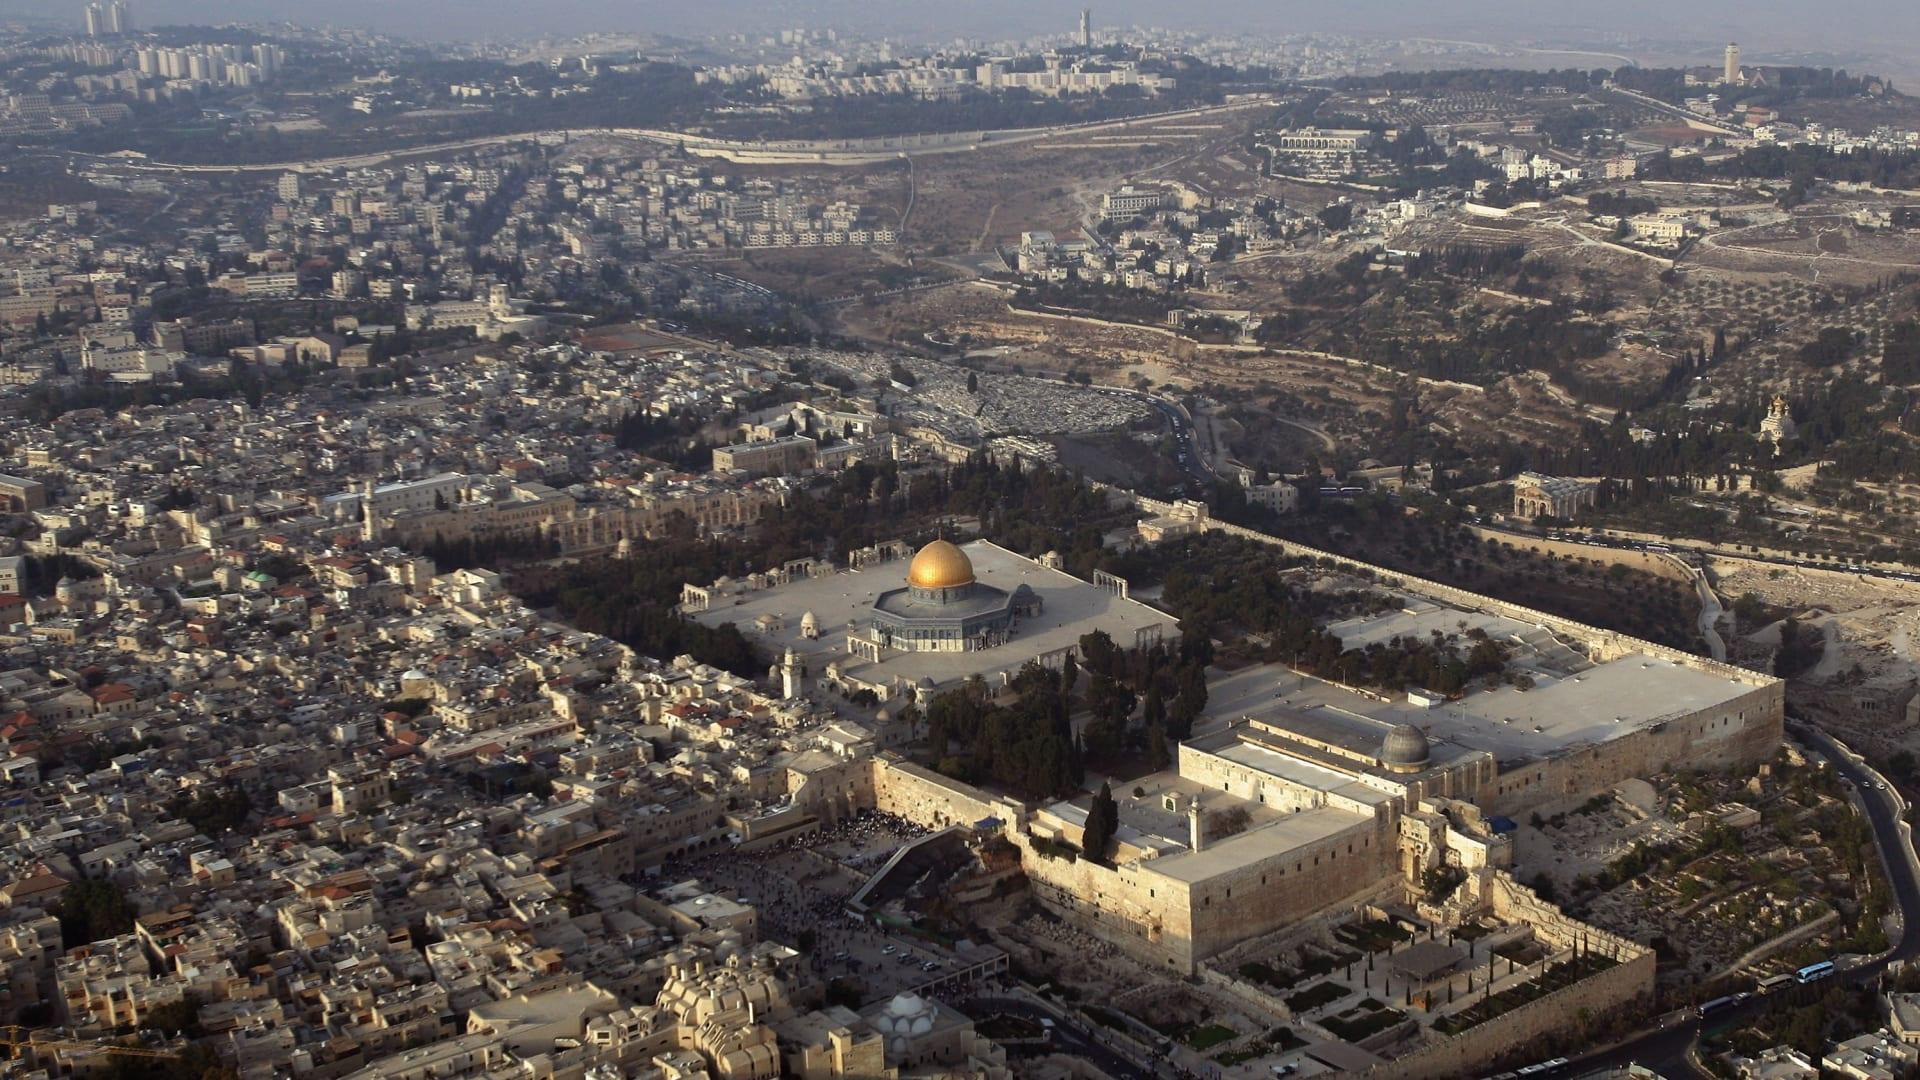 مرشح بايدن كسفير لإسرائيل يوضح موقفه من القدس كعاصمة والجولان